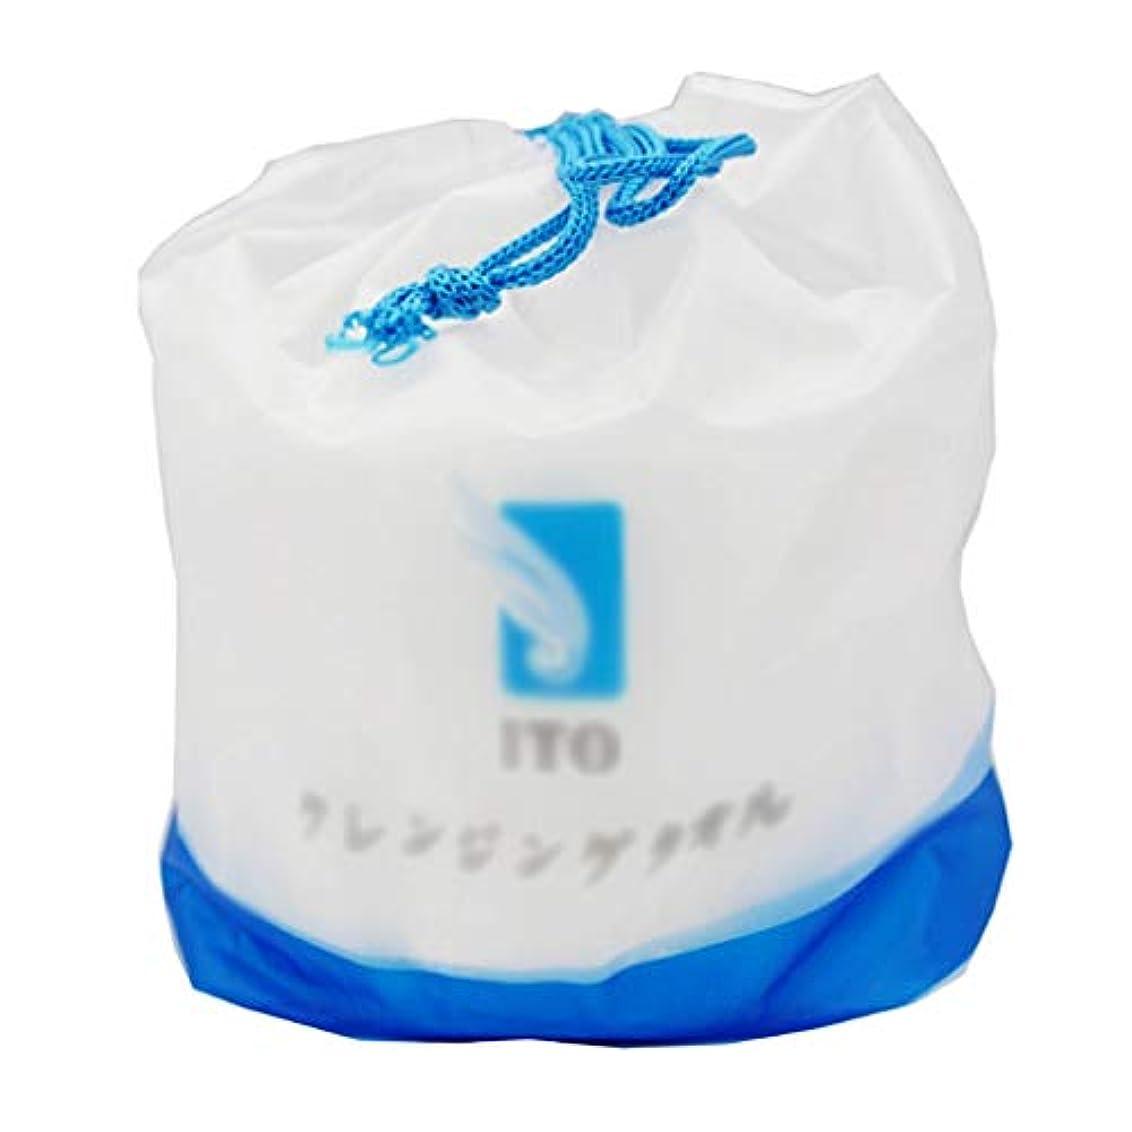 くるみ論文更新するクレンジングシート 綿美容フェイスタオル使い捨てクレンジングタオルタオルロール綿パッド女性の美容ツール多目的 (Color : White, サイズ : 20*25cm)